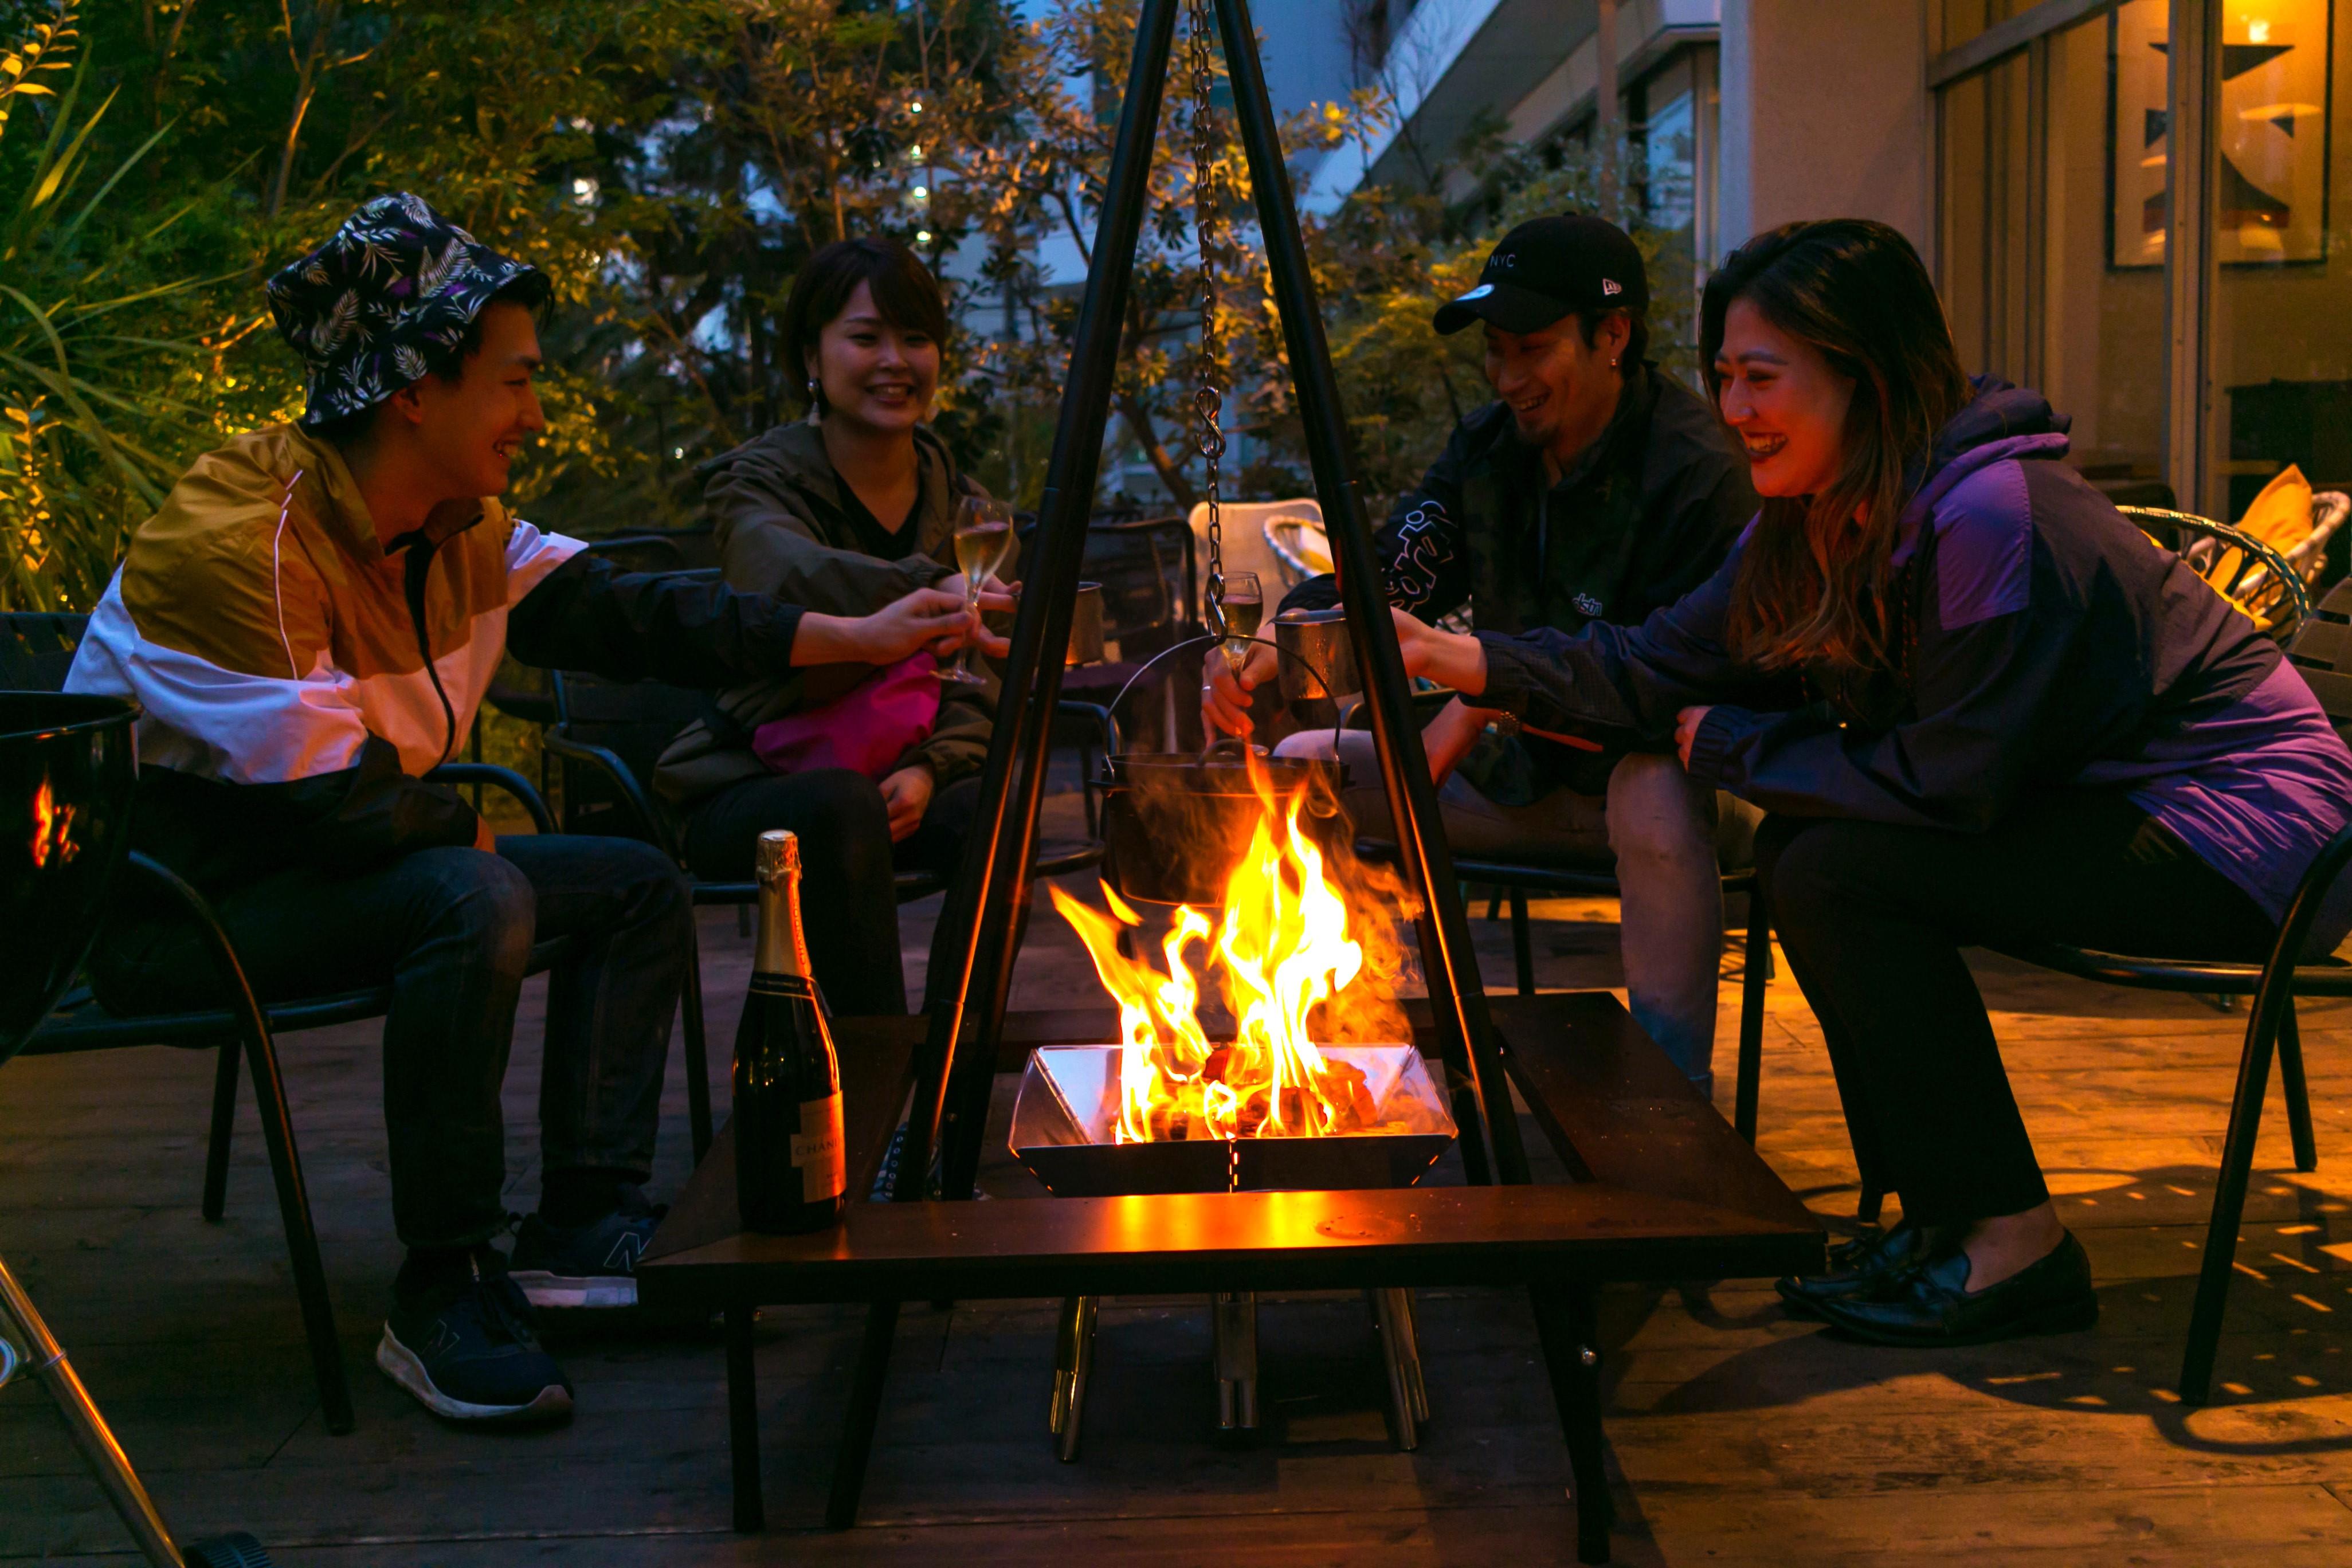 1日2組限定!秋の夜長は焚火を囲んでグラマラスなBBQを。博多駅から徒歩8分でグランピング気分を味わう「GARB LEAVES」